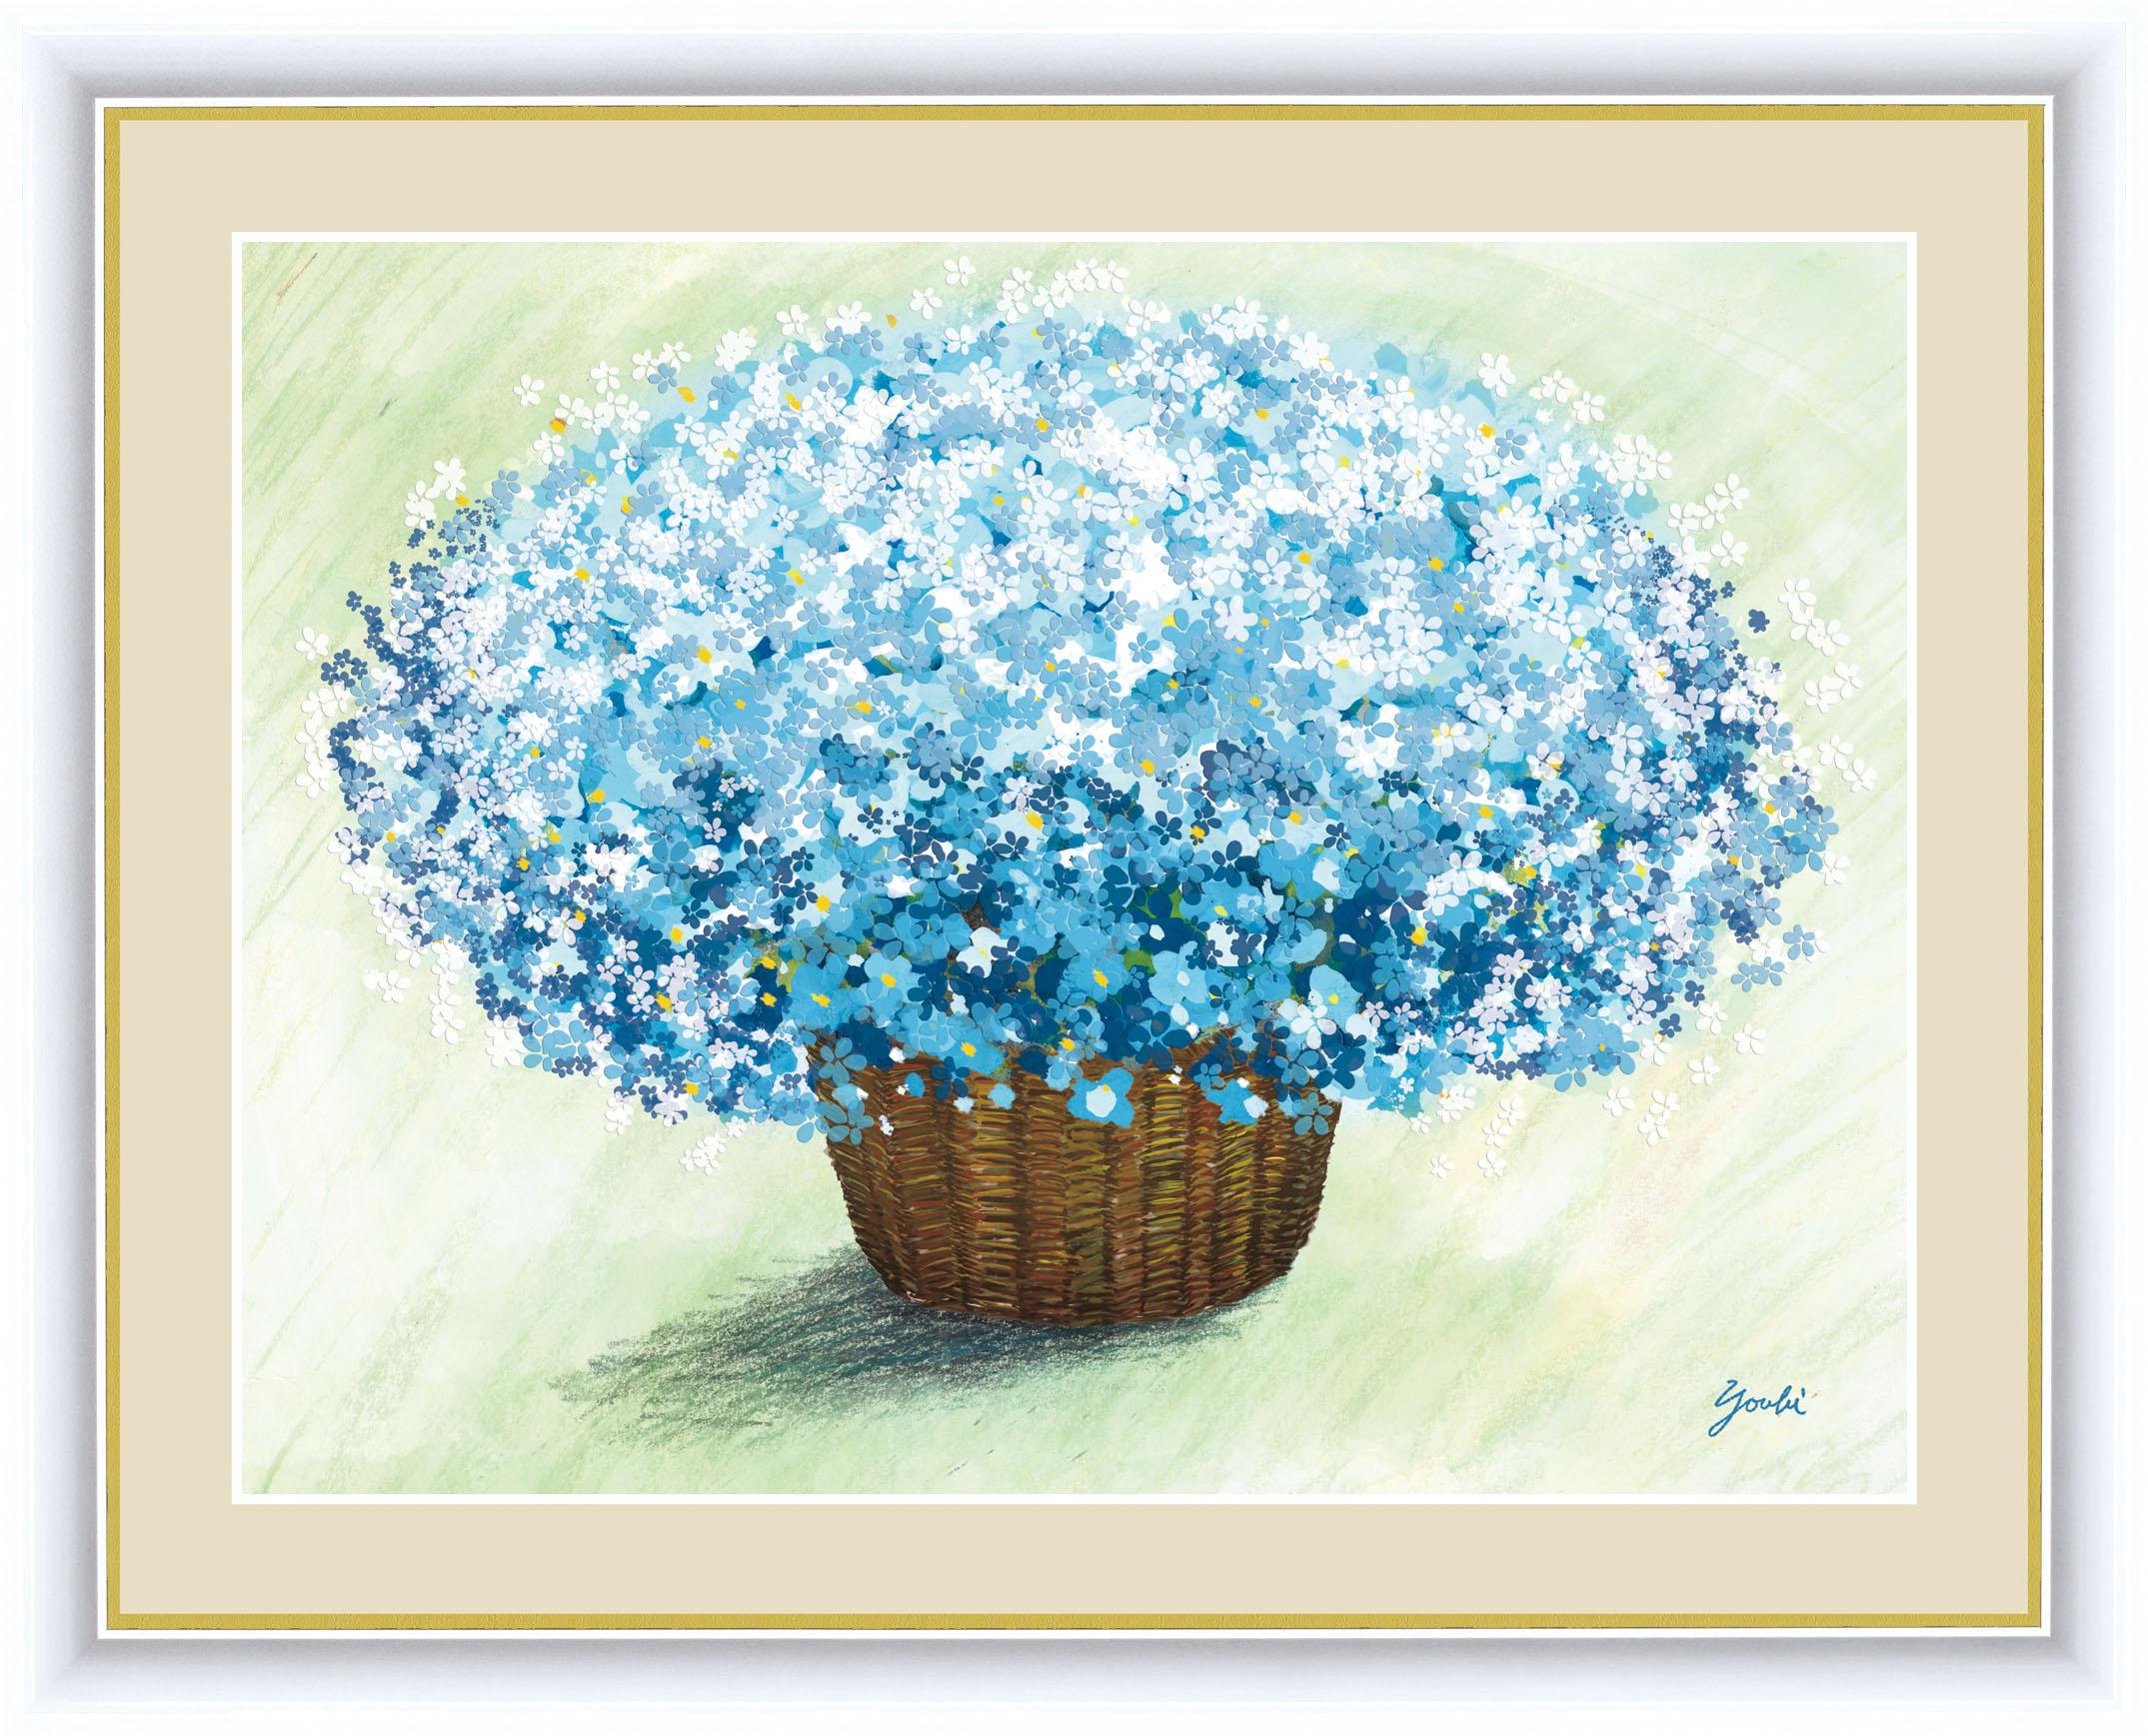 永遠に枯れることのない花の絵。鮮やかな色調がお部屋をパッと明るく彩ります。画面いっぱいに咲き誇る花たちが、いつまでもあふれんばかりの幸運を招き入れてくれることでしょう。 しあわせのブーケ 額 爽やかなブルーのブーケ 42×34cm 洋美/ようび 現代作家インテリアアート アート額絵 G4-AB058 F4サイズ 33231